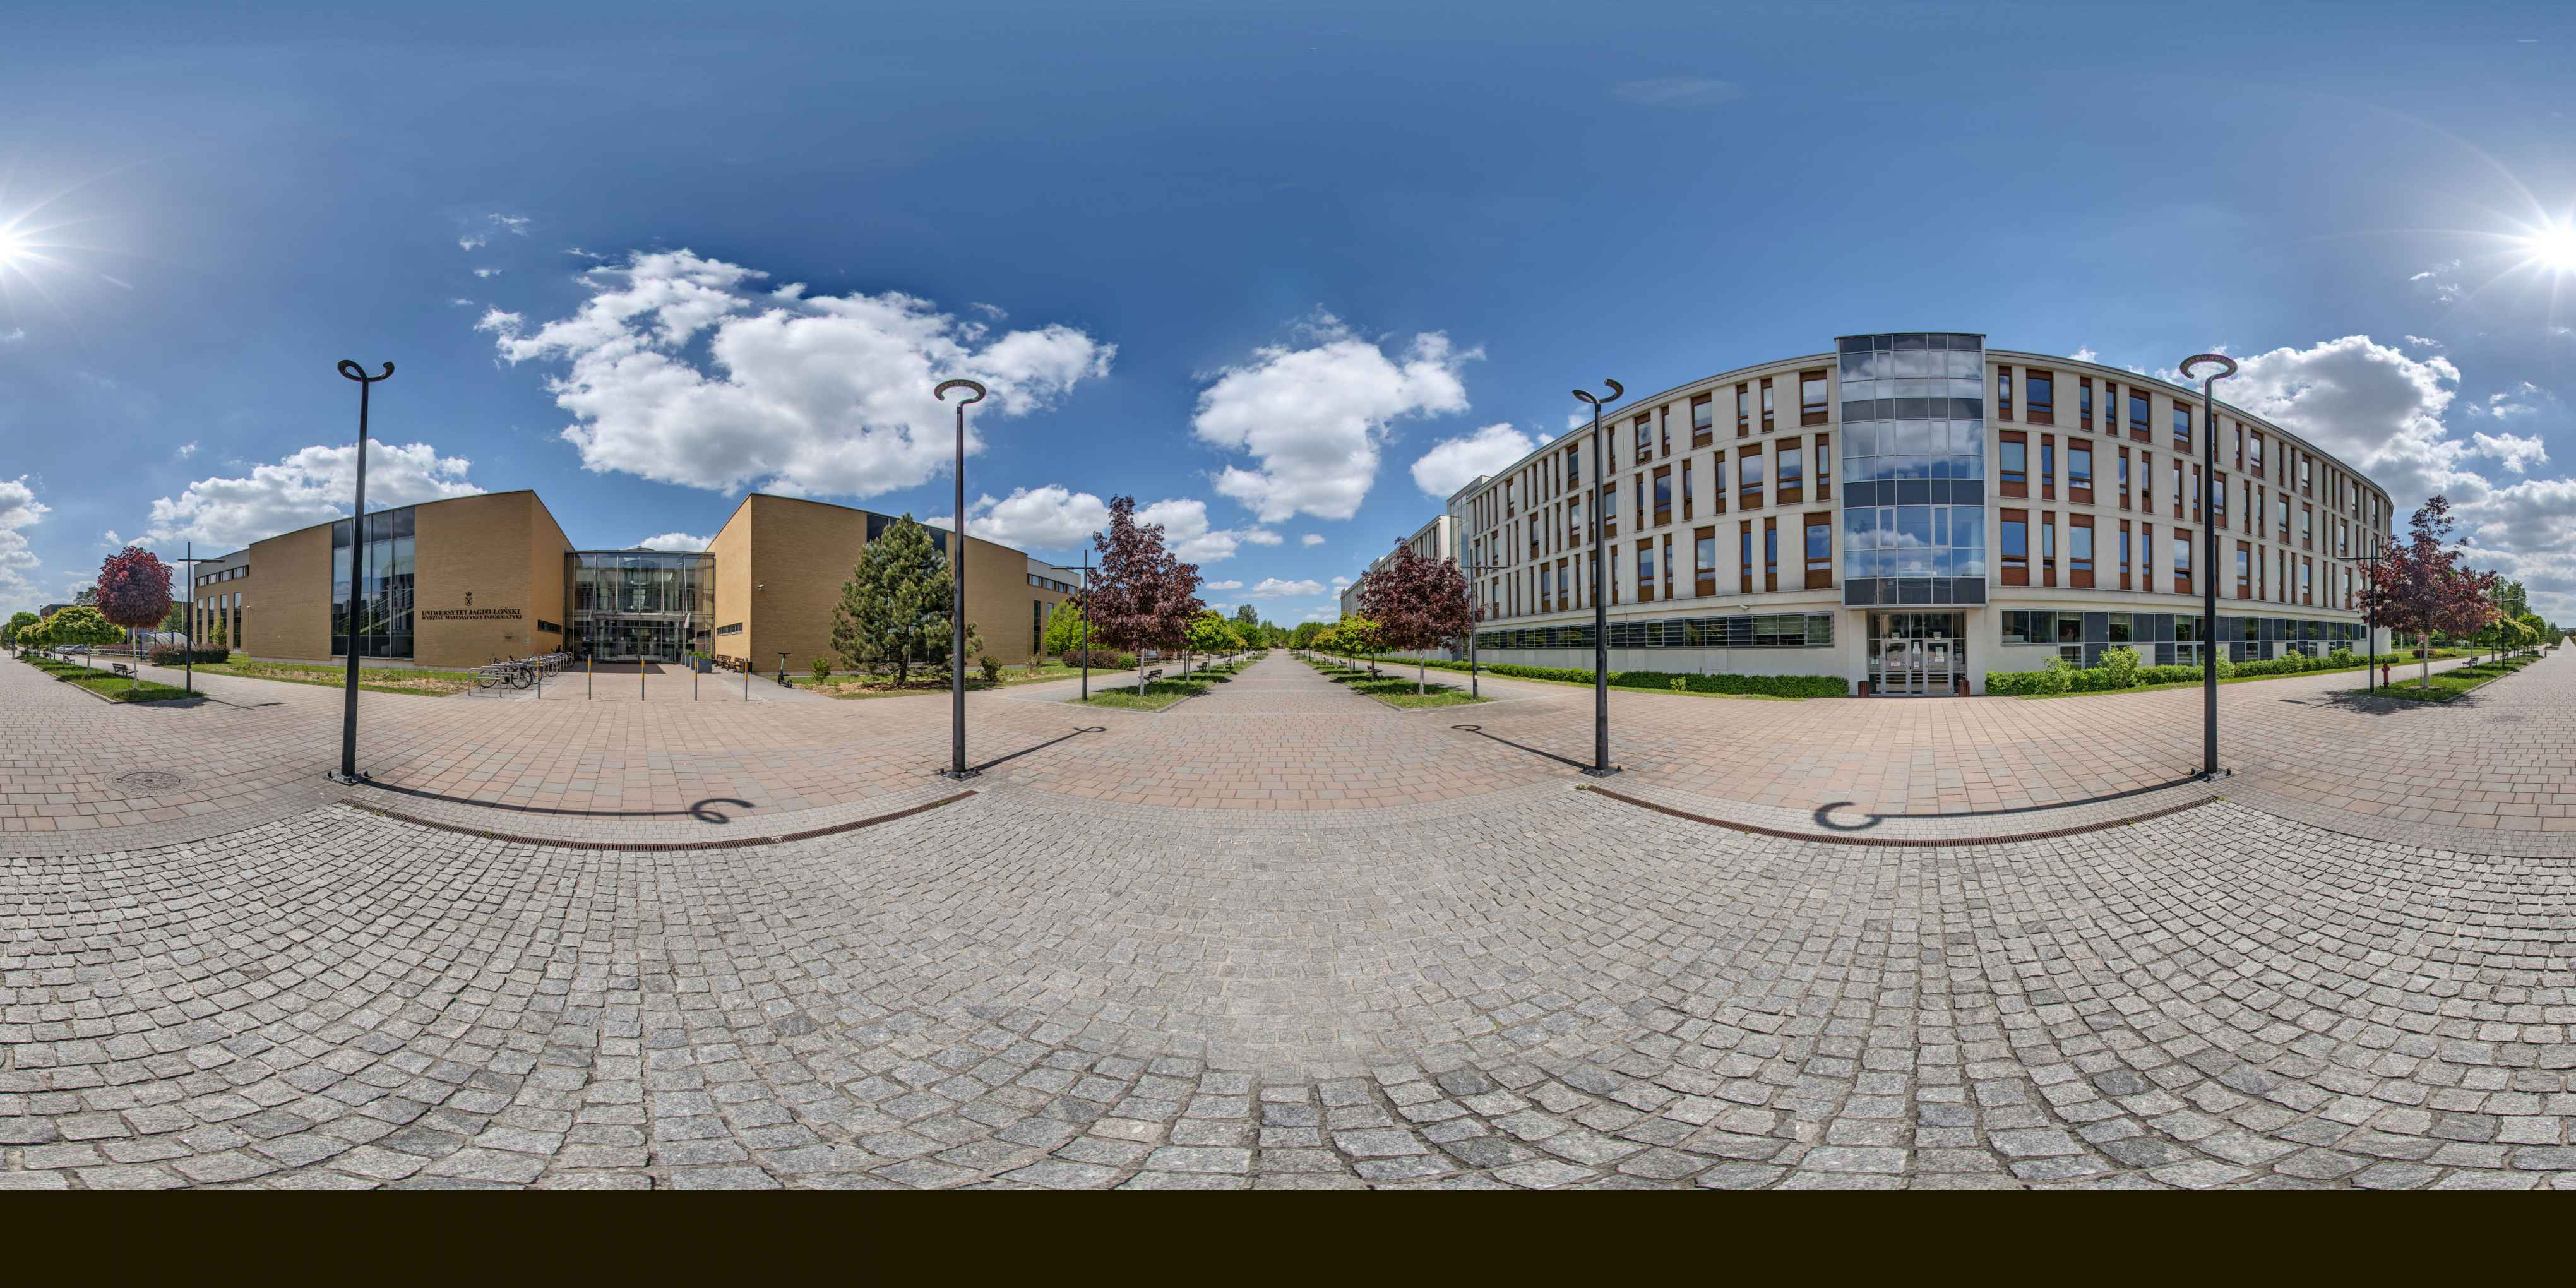 Prezentacja panoramiczna dla obiektu Wydział Matematyki i Informatyki UJ